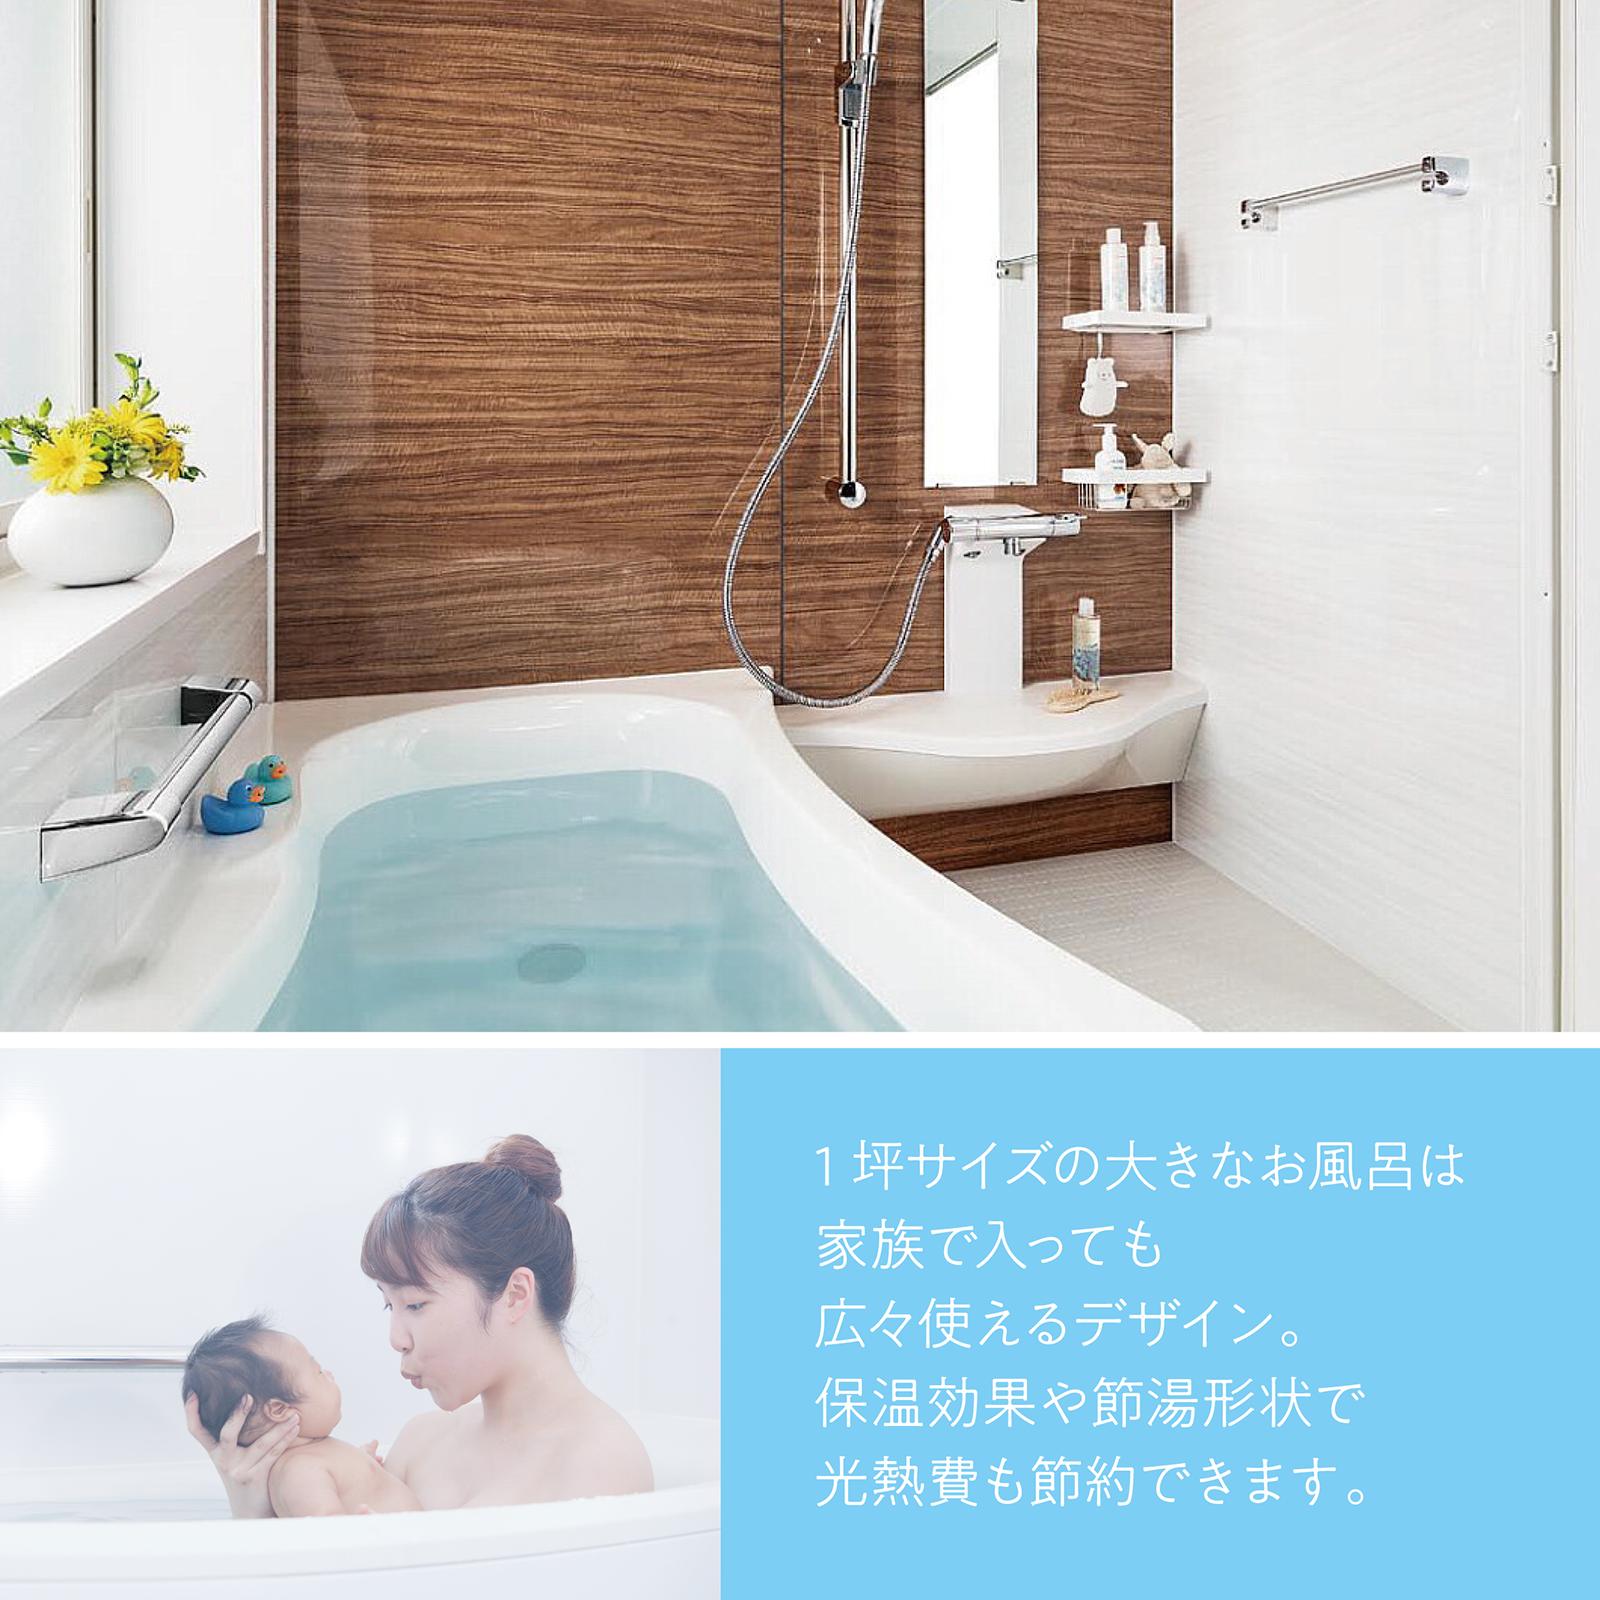 バスルーム説明メイン画像|株式会社未来住建